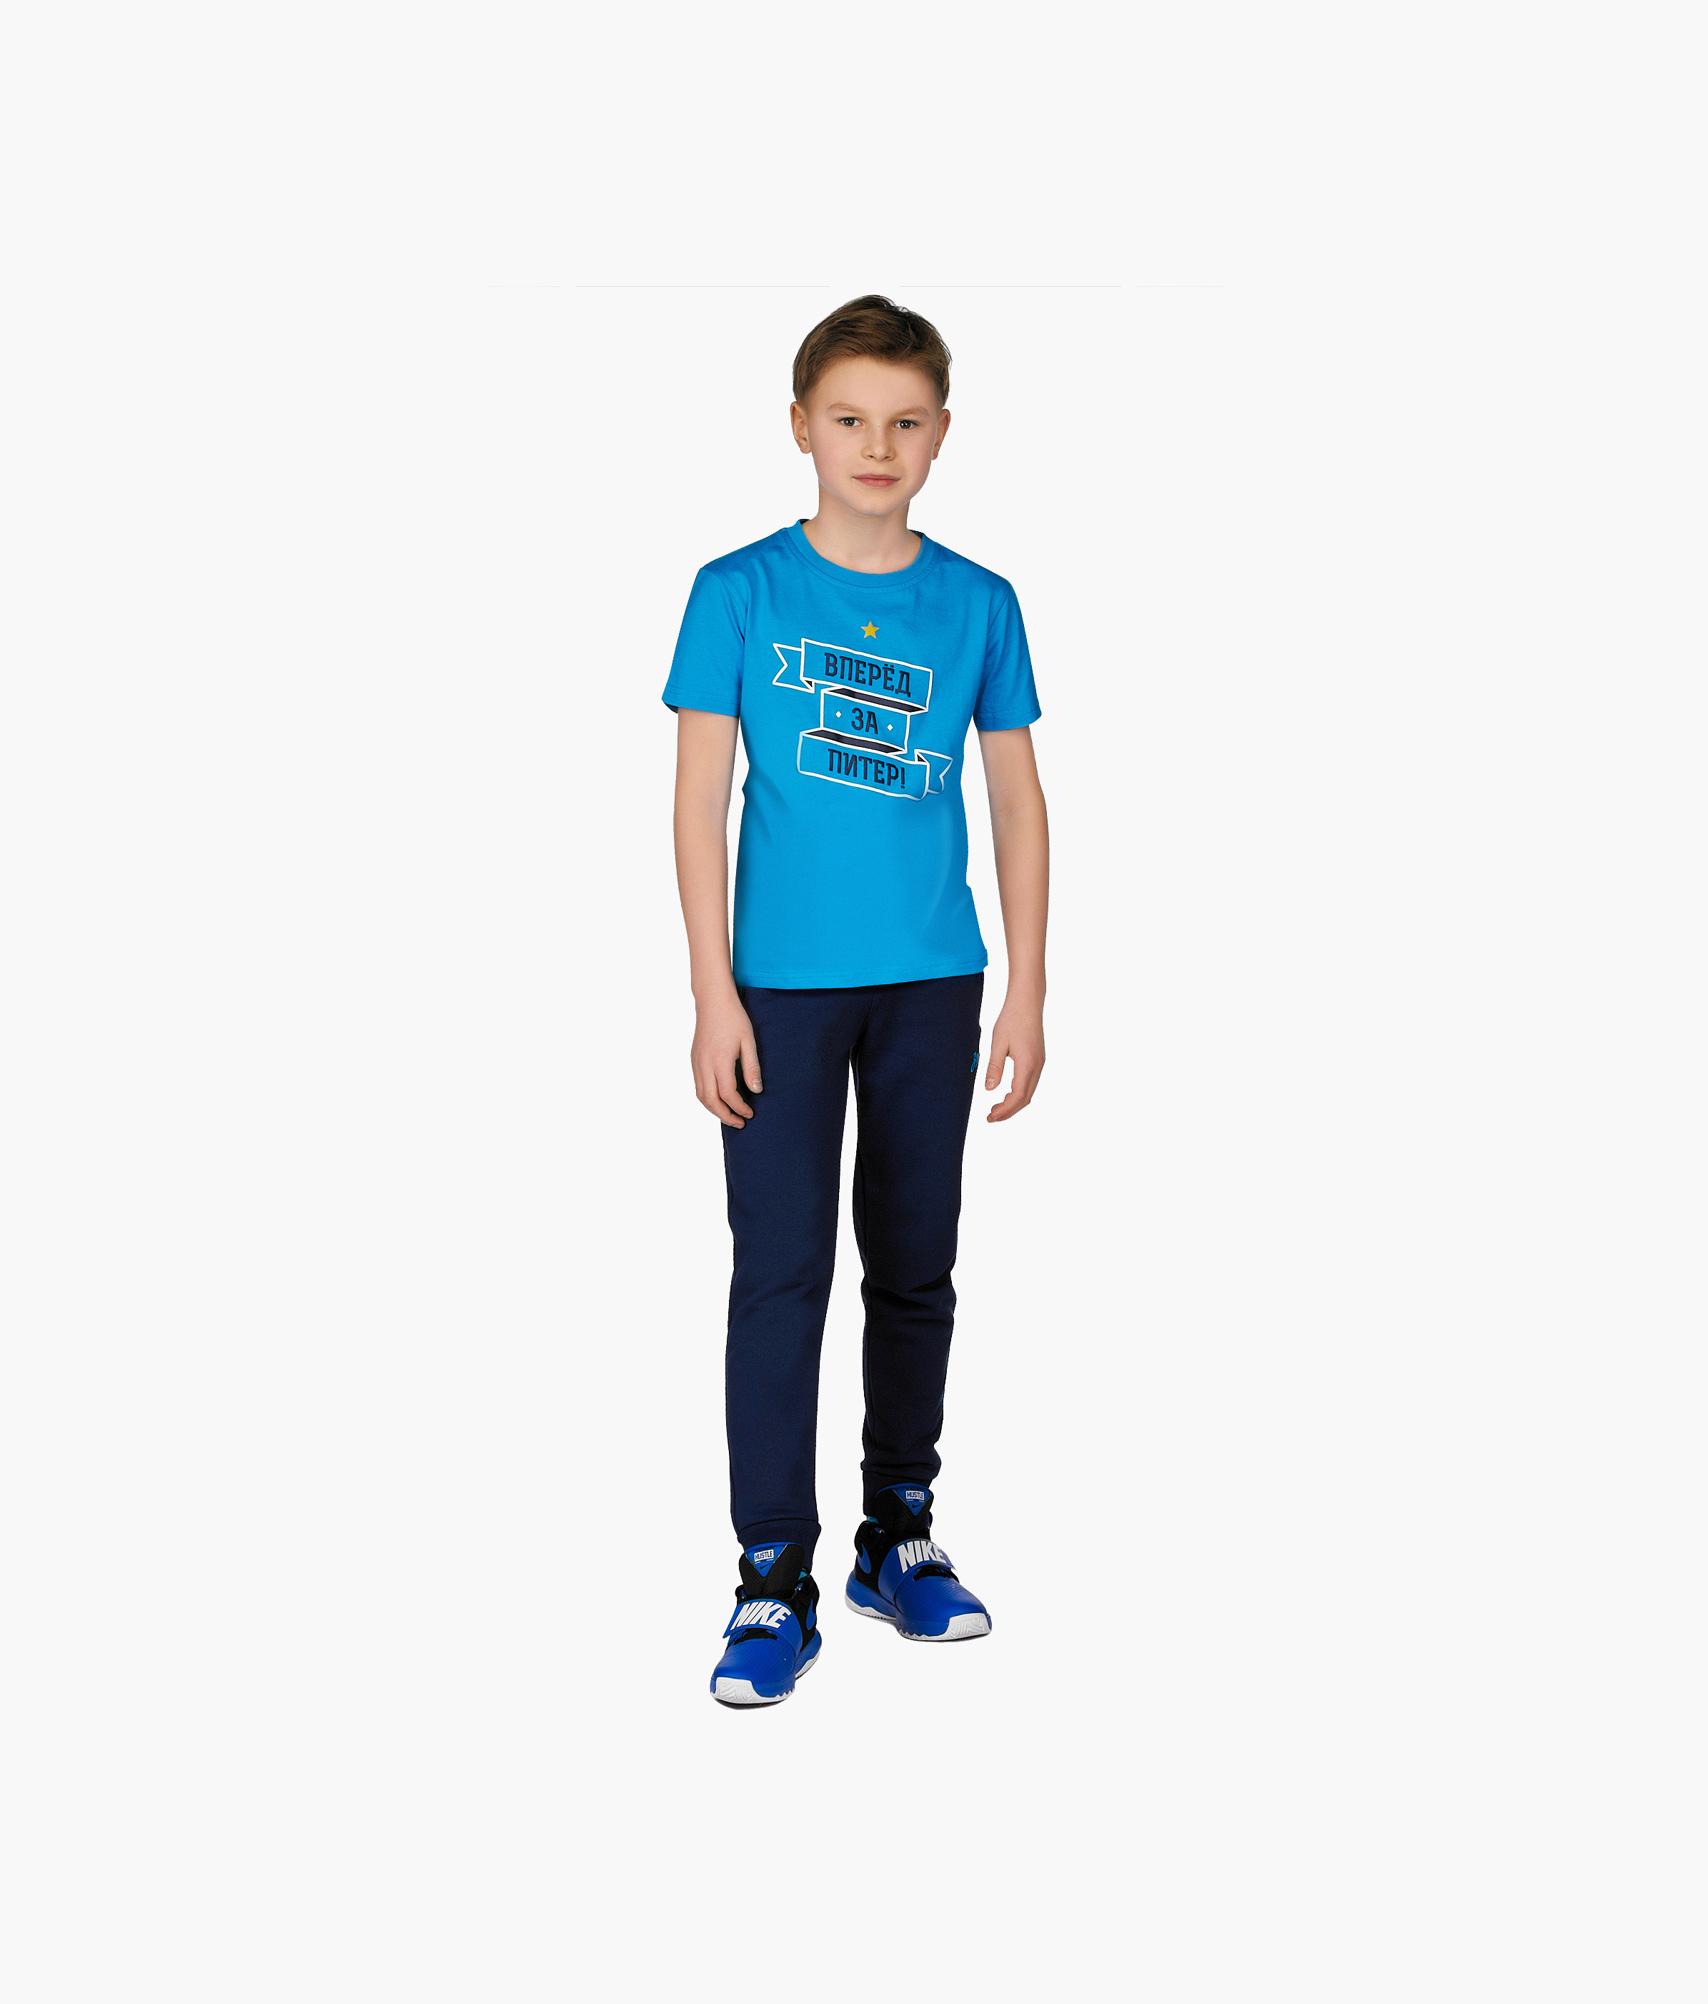 Брюки подростковые Zenit Зенит Цвет-Синий